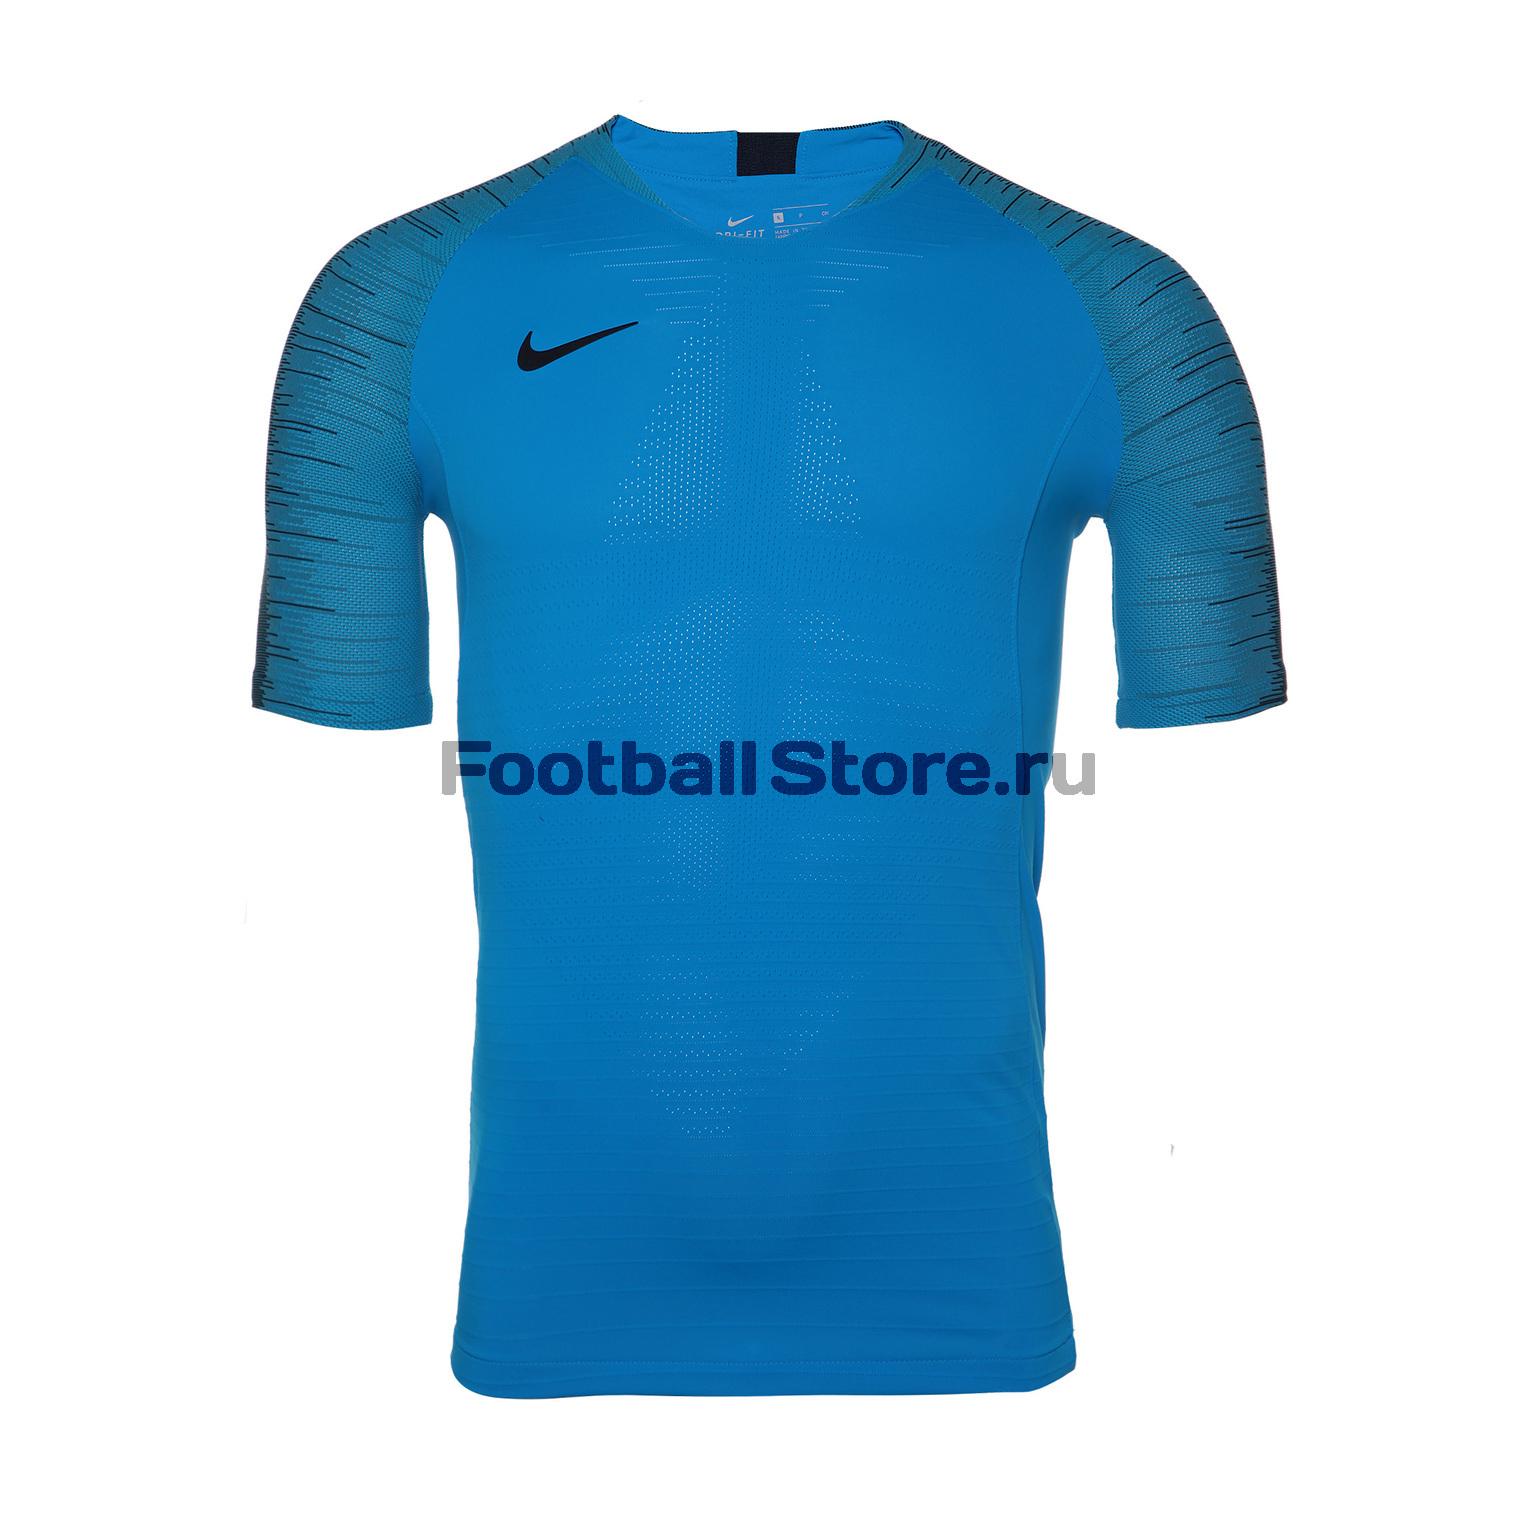 Футболка игровая Nike Vapor Strike Top 892887-469 nike рюкзак nike vapor energy